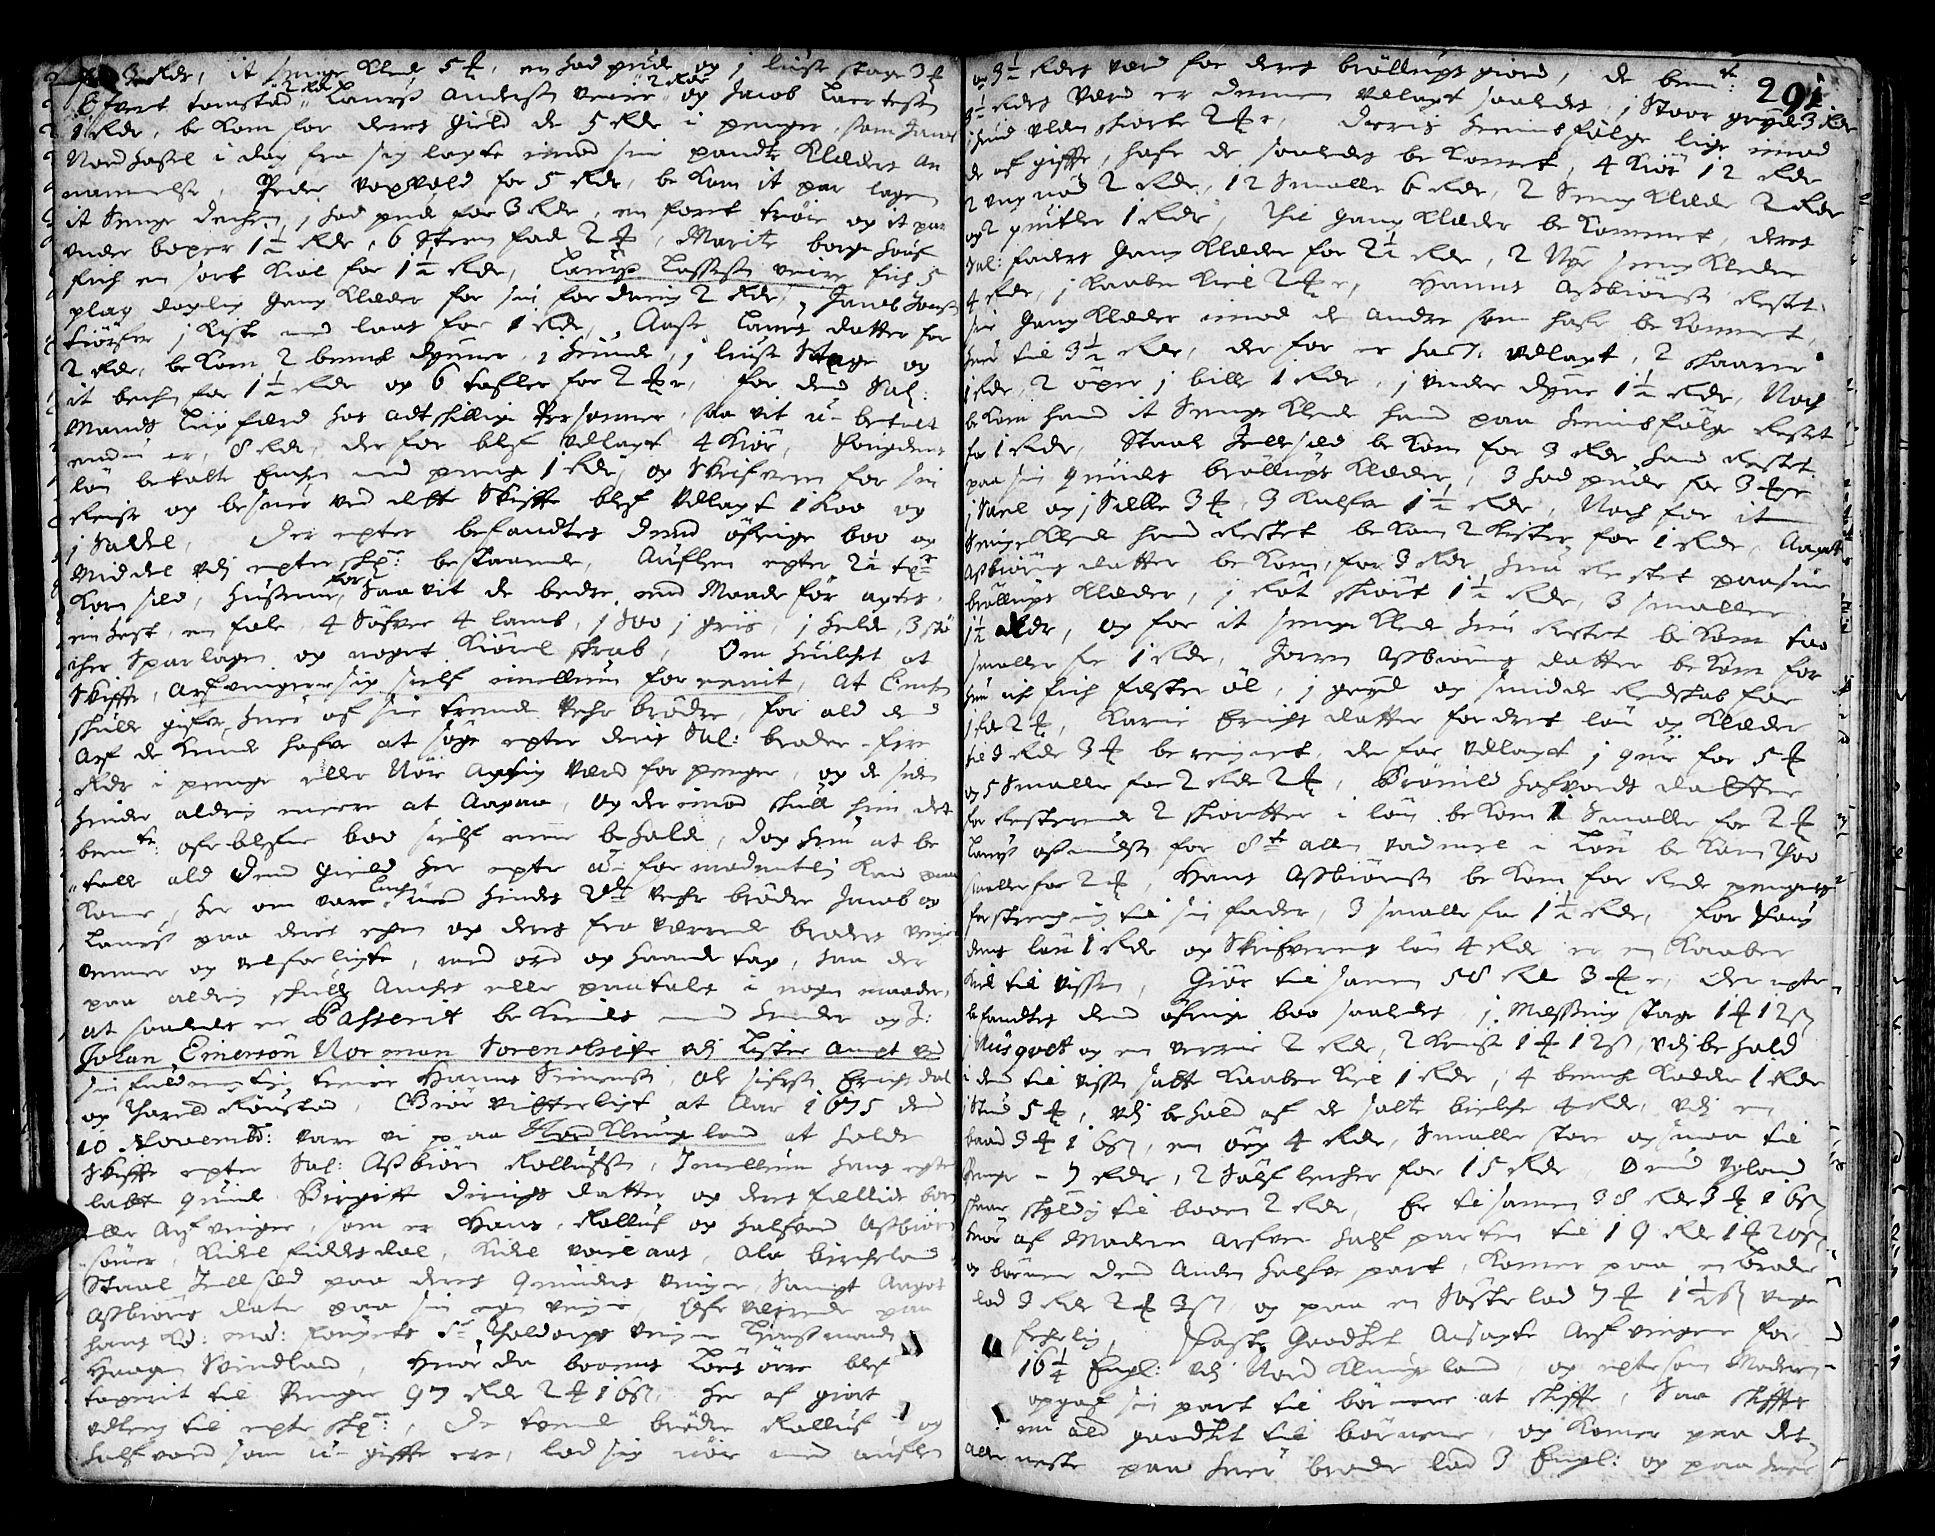 SAK, Lister sorenskriveri, H/Hc/L0003: Skifteprotokoll nr 3 med register, 1672-1682, s. 290b-291a